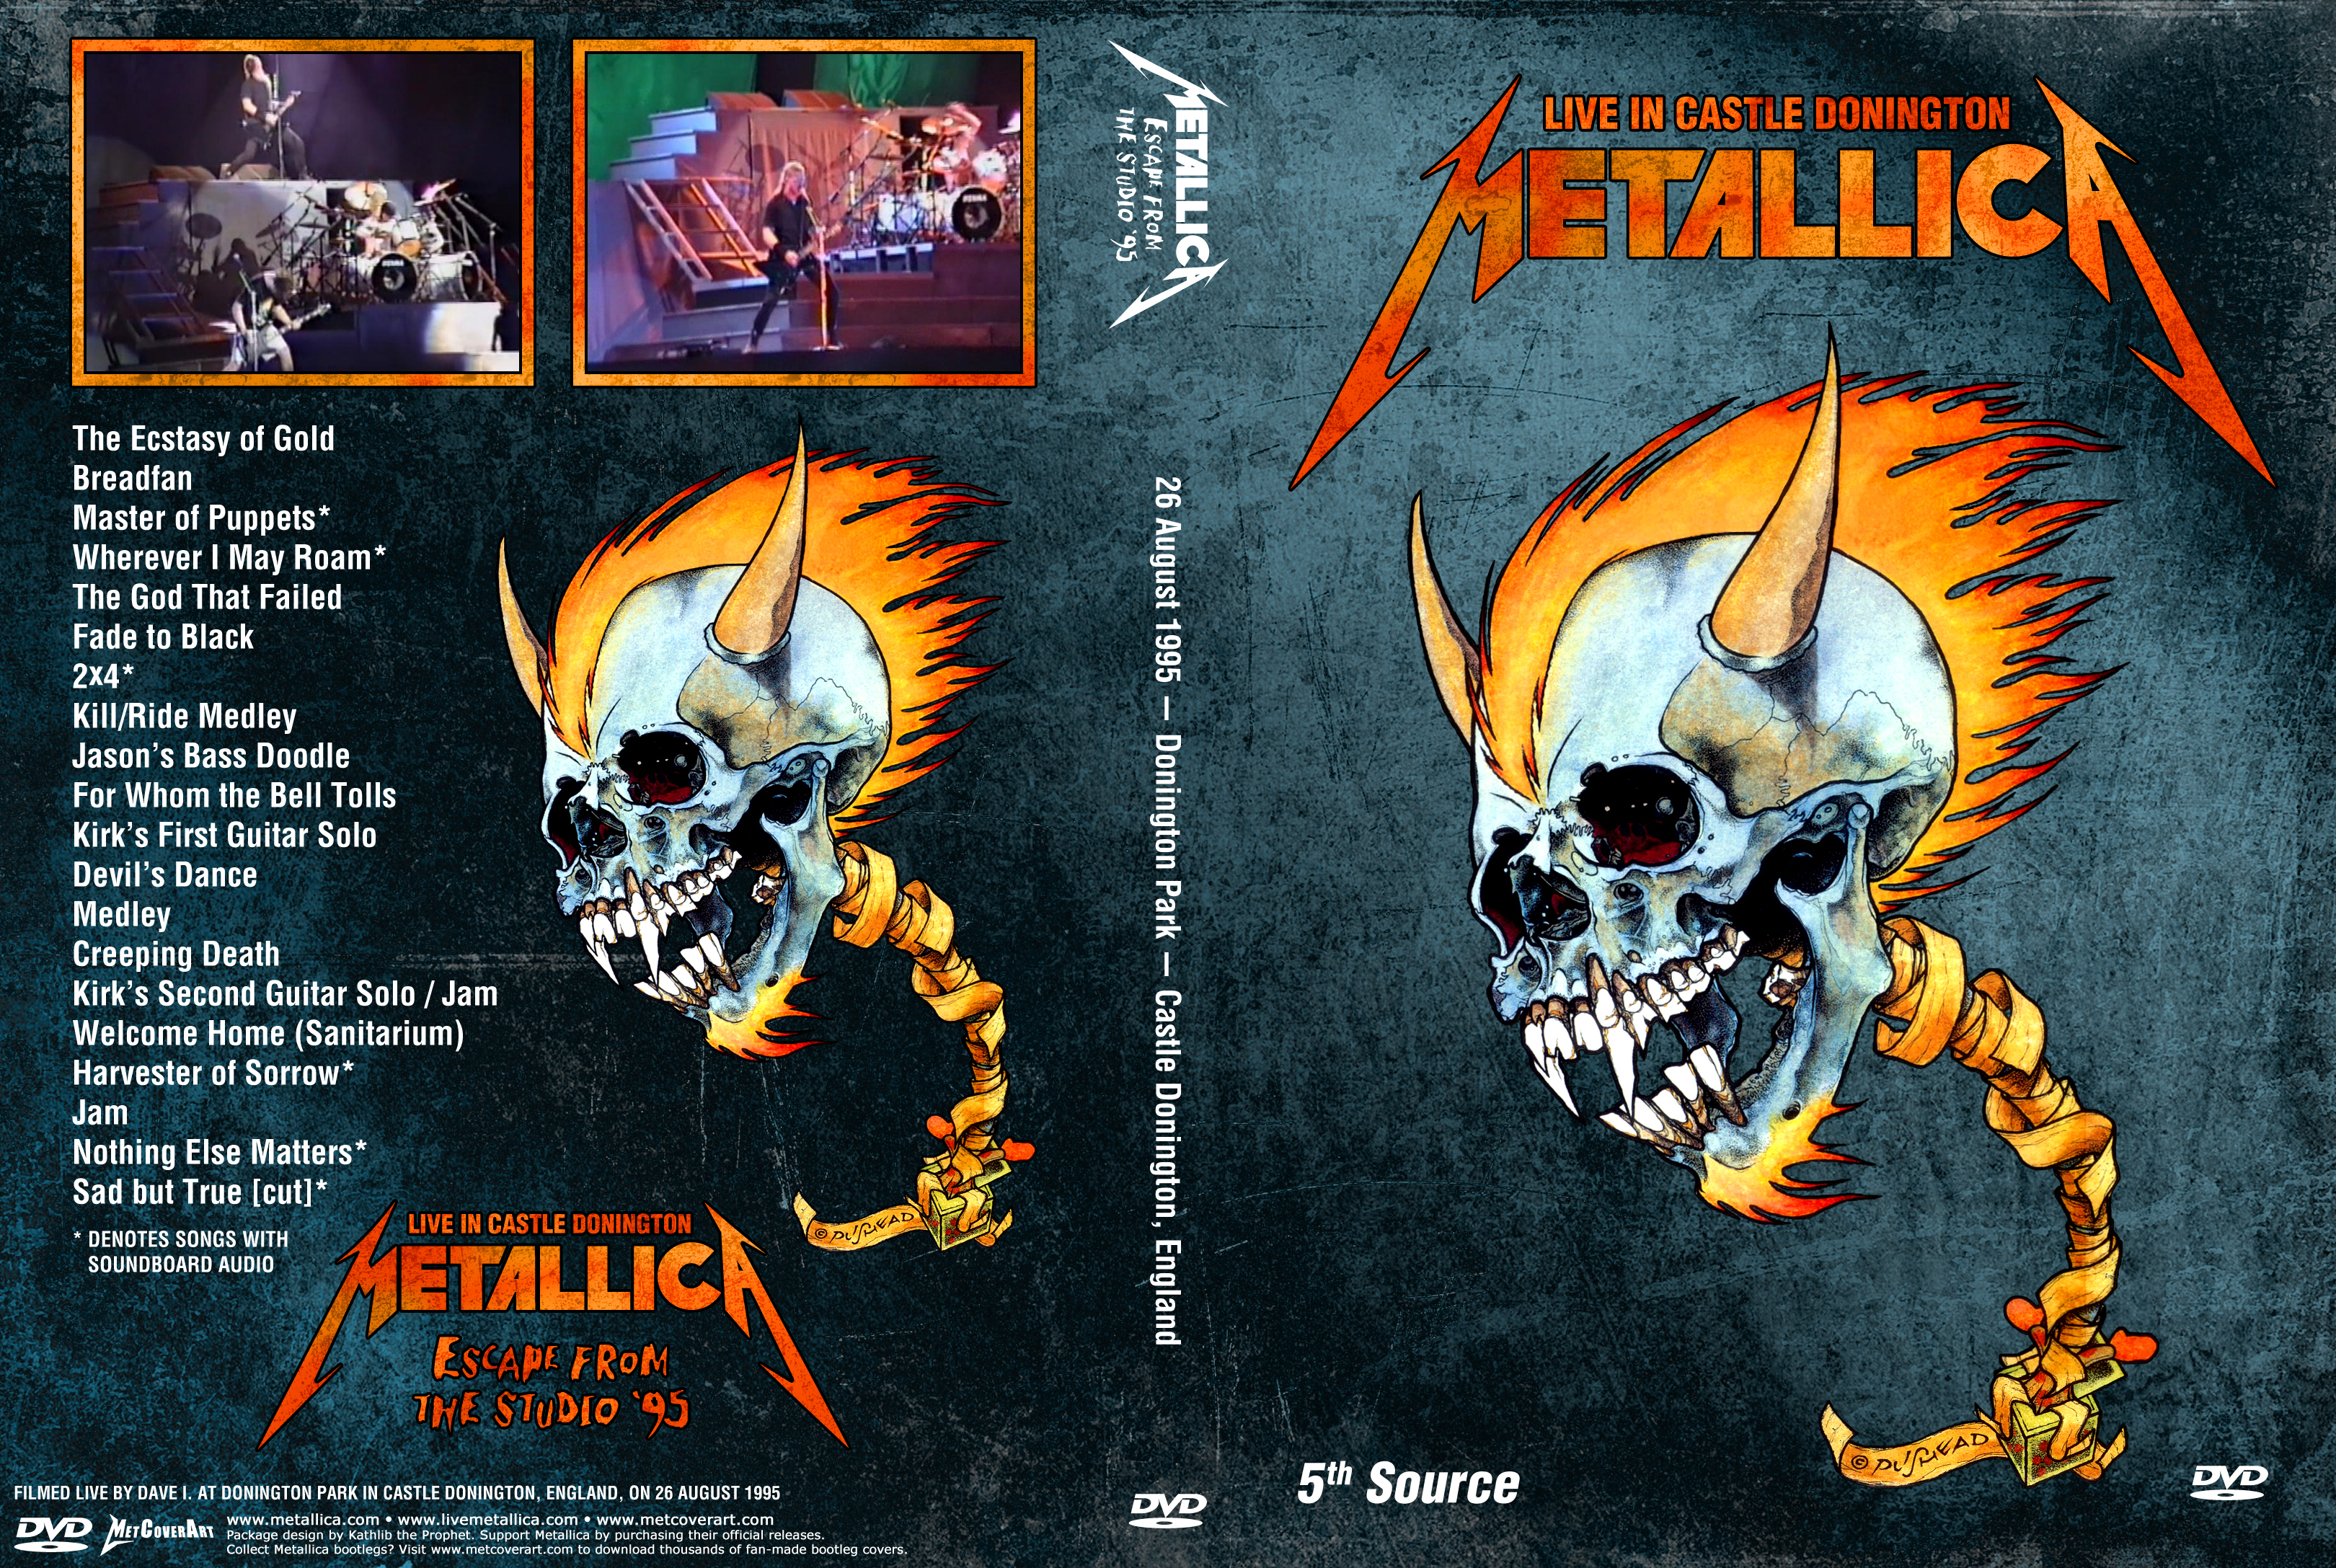 Metallica wherever i may roam - 5 3